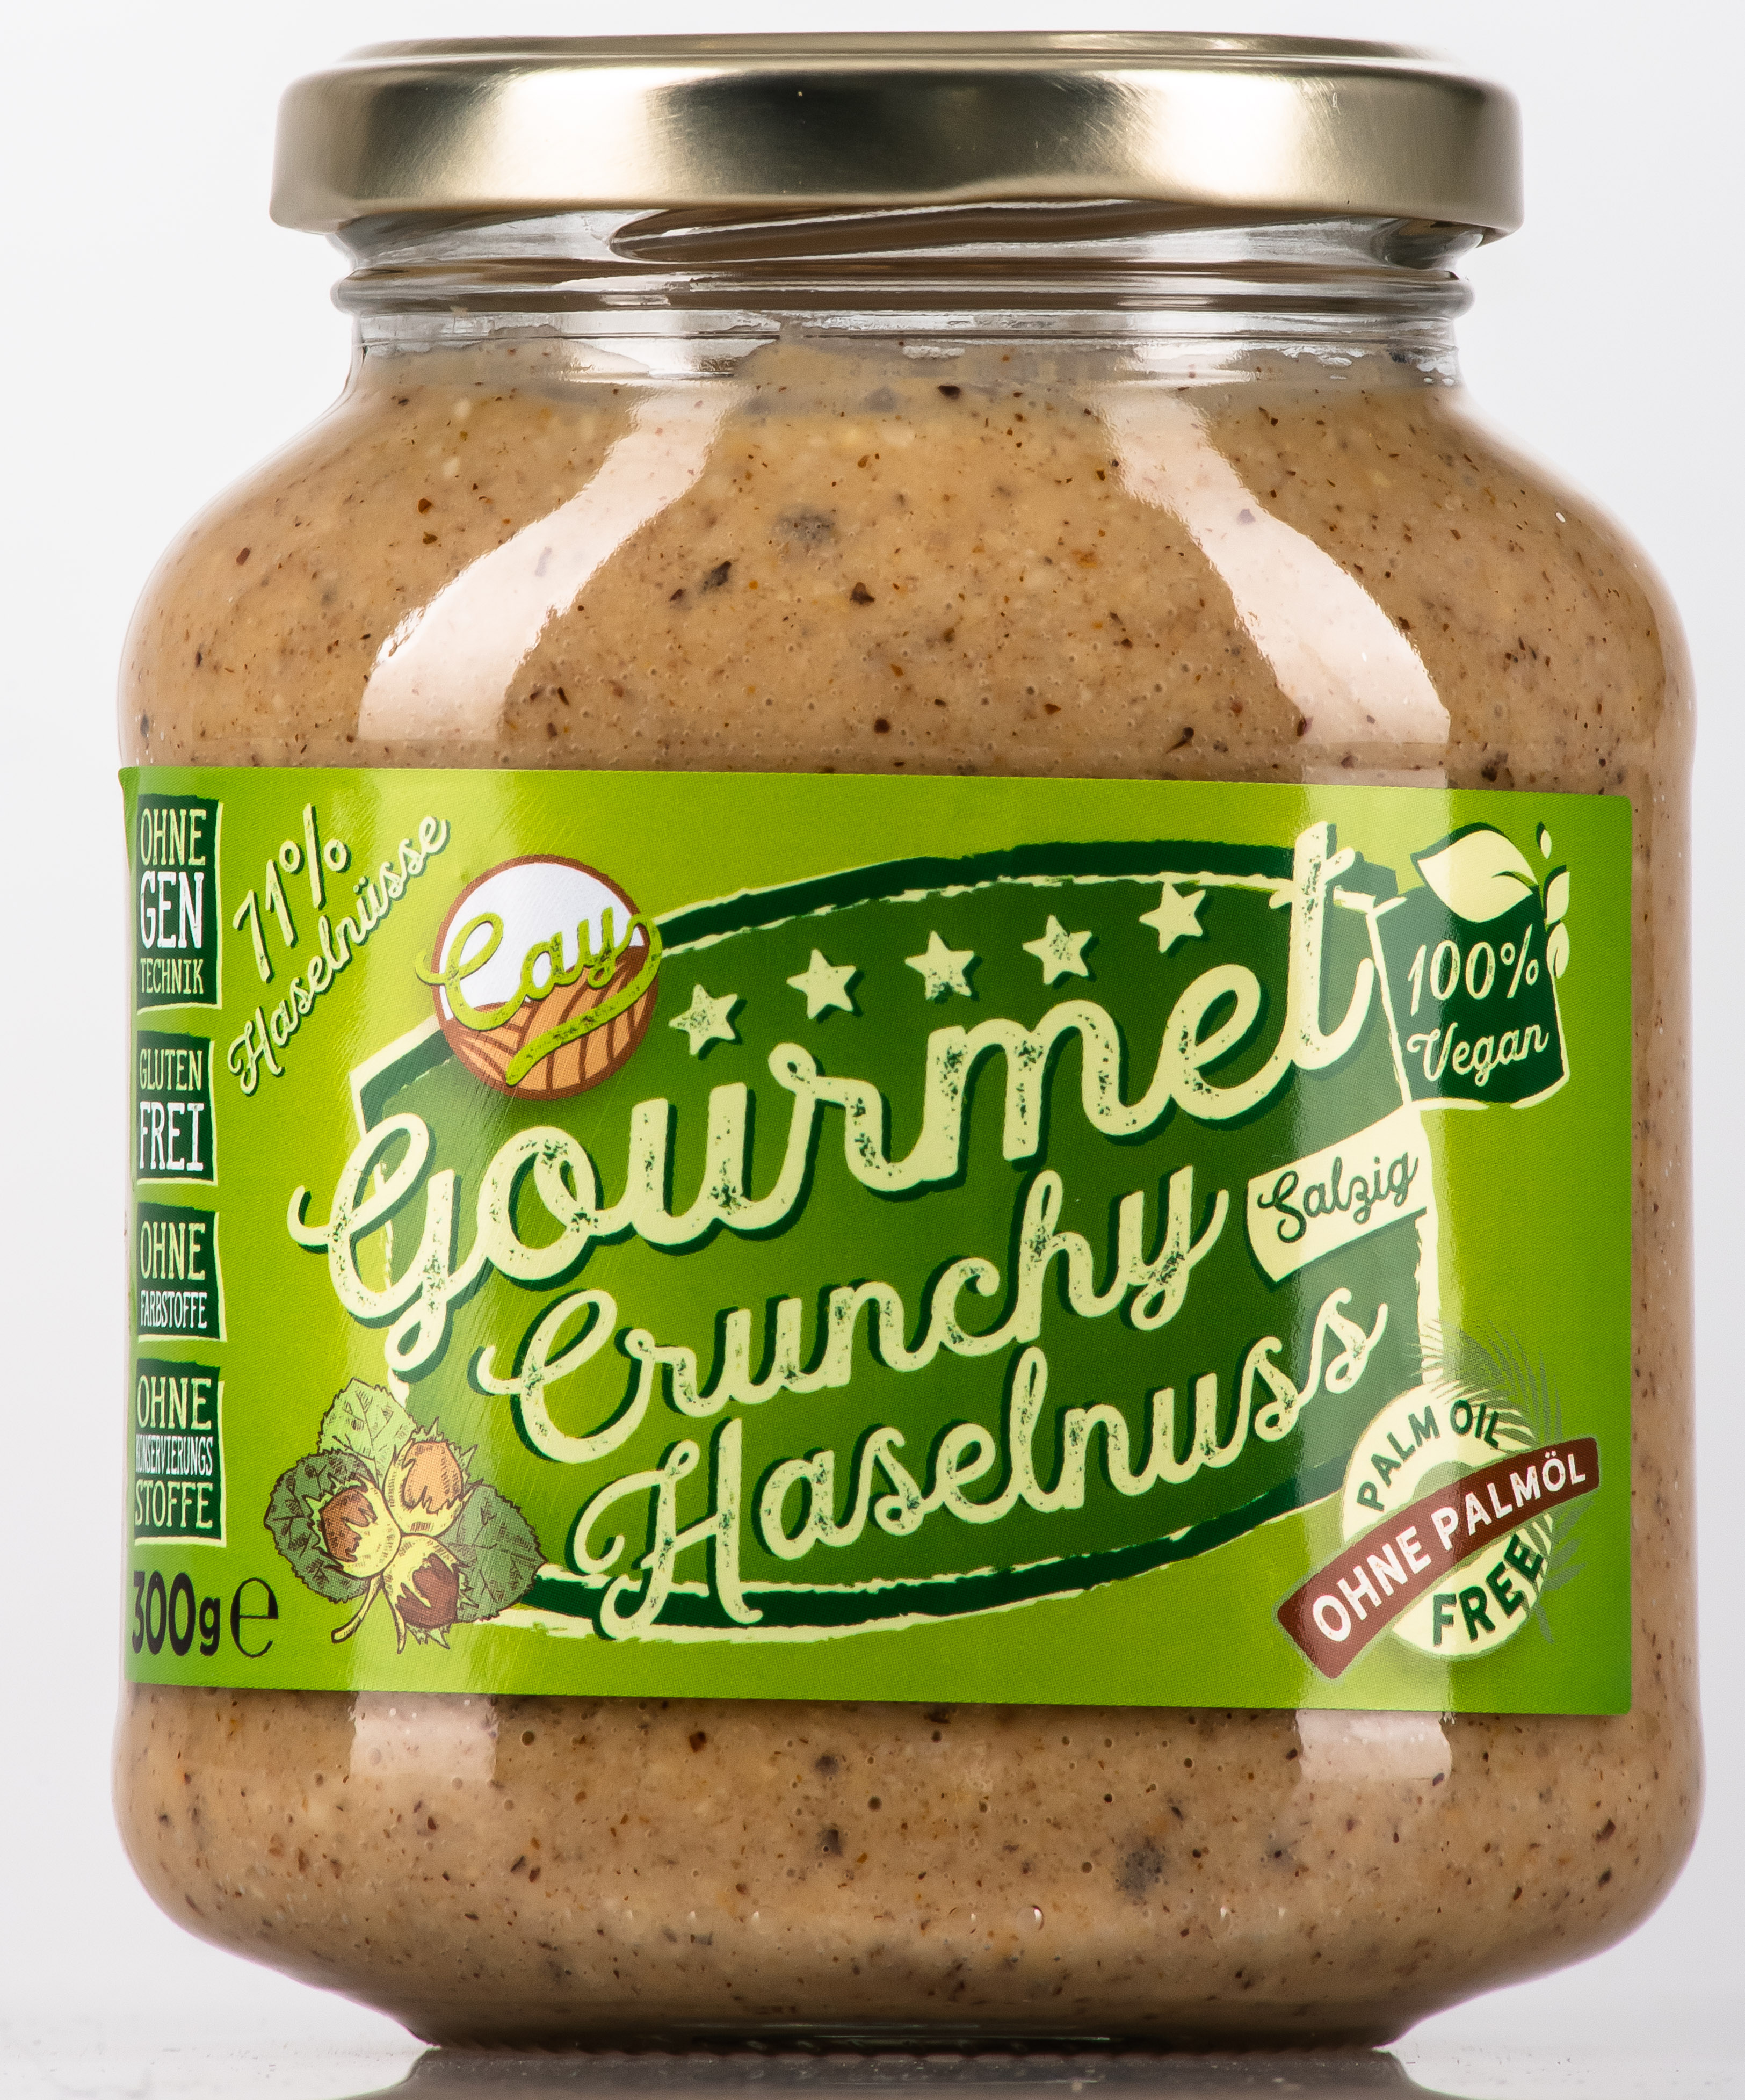 Cay Foods Haselnussaufstrich Cruncy mit Salz.